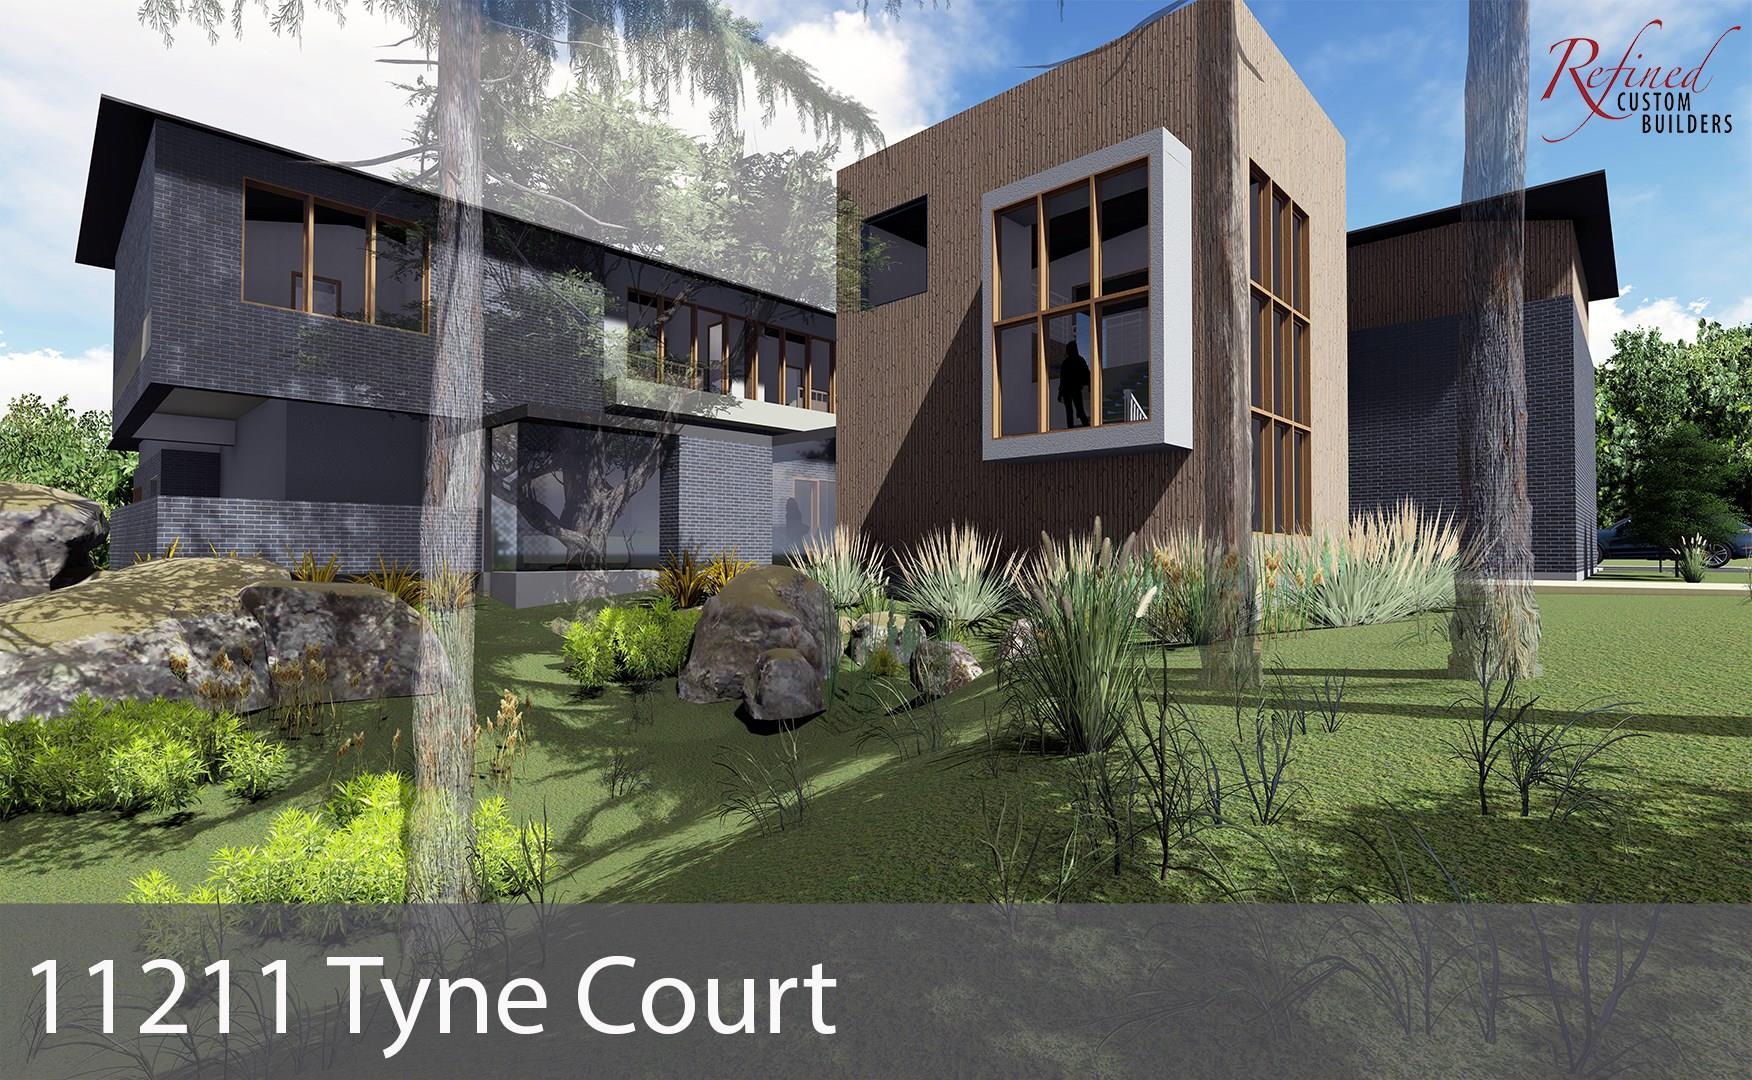 11211 Tyne Court Property Photo - Houston, TX real estate listing